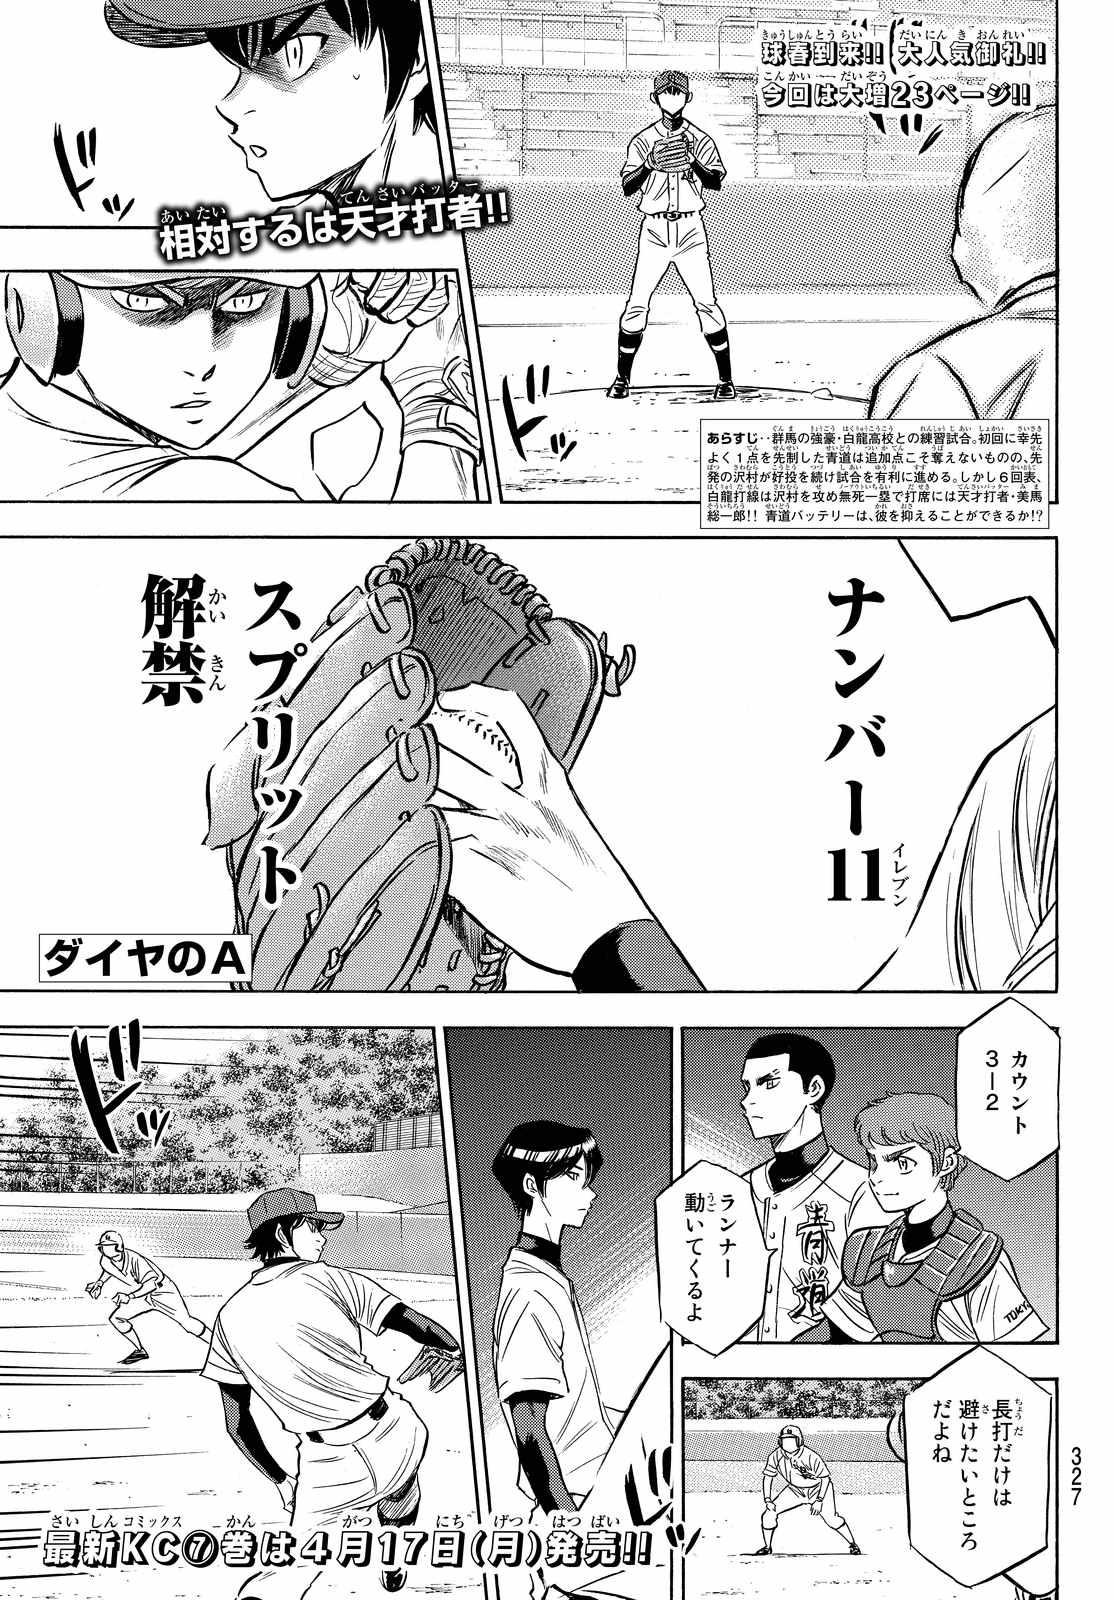 Daiya no A Act II - Chapter 073 - Page 1